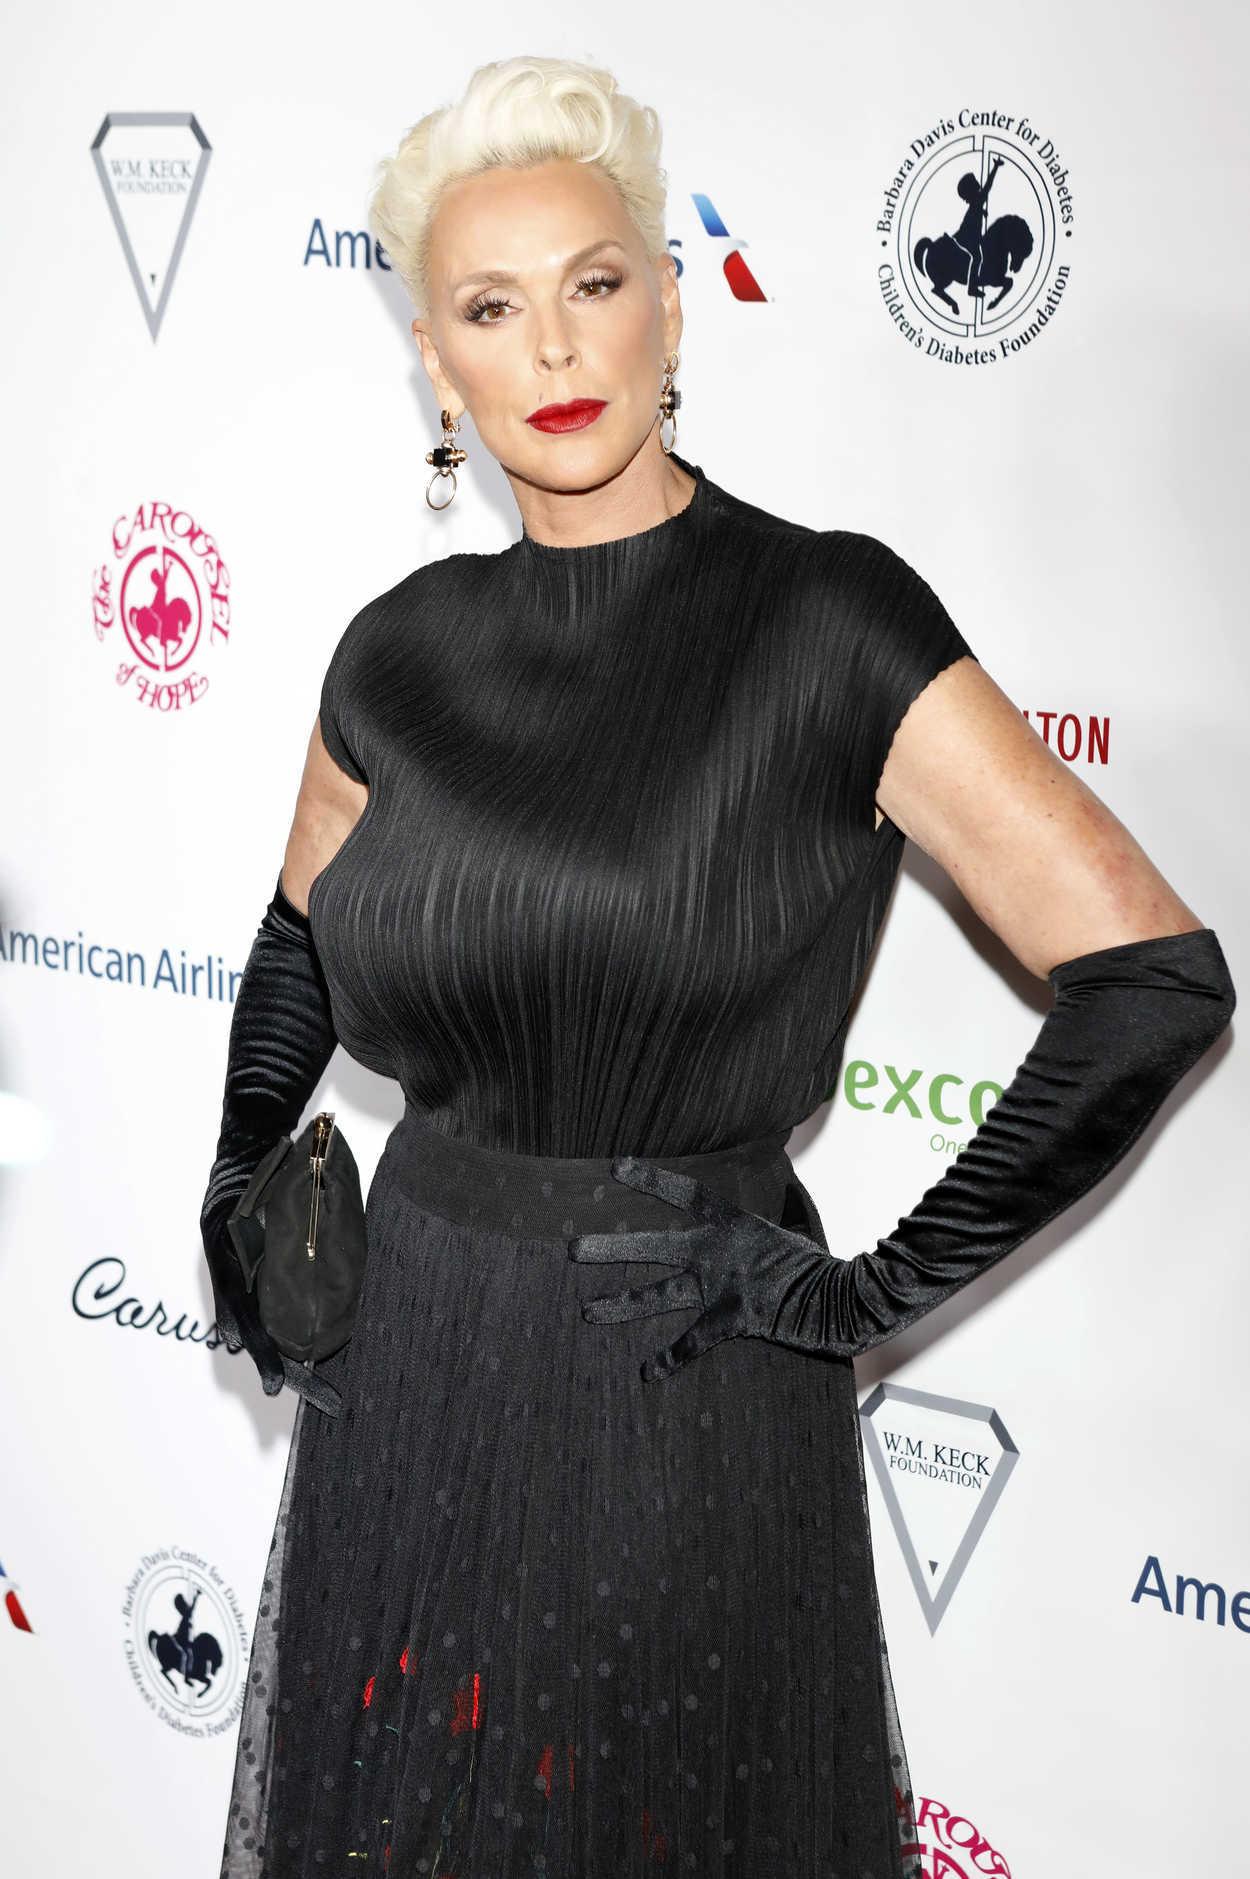 Brigitte Nielsen at 2018 Carousel of Hope Ball in Beverly